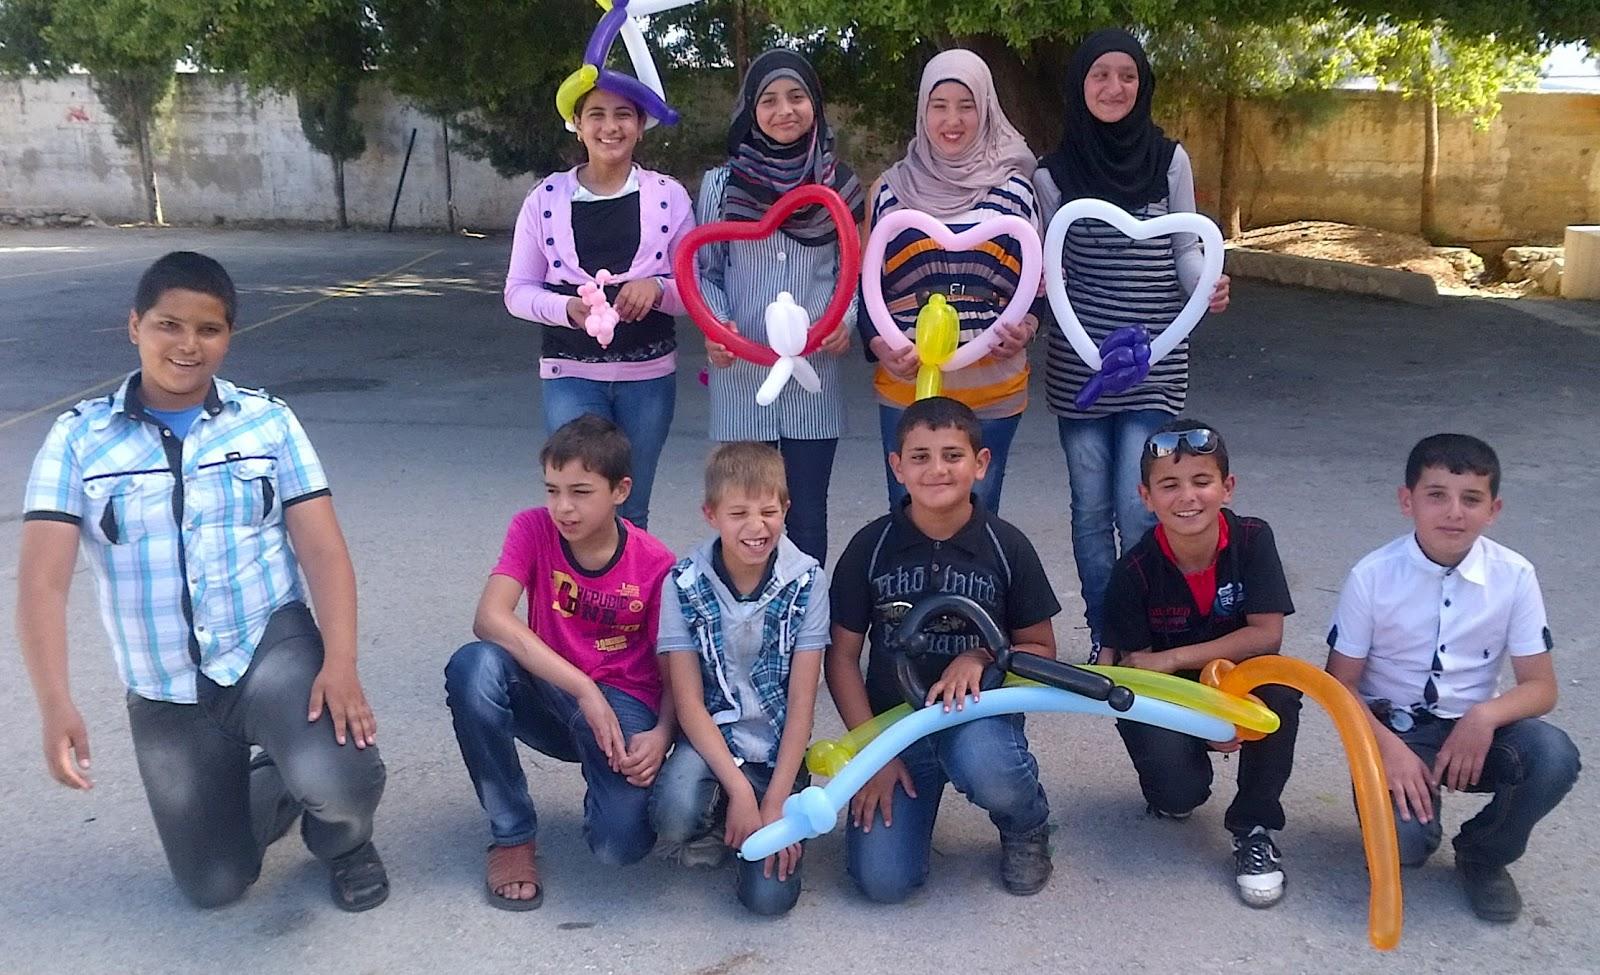 New friends in the Jenin region of the West Bank, 2013.